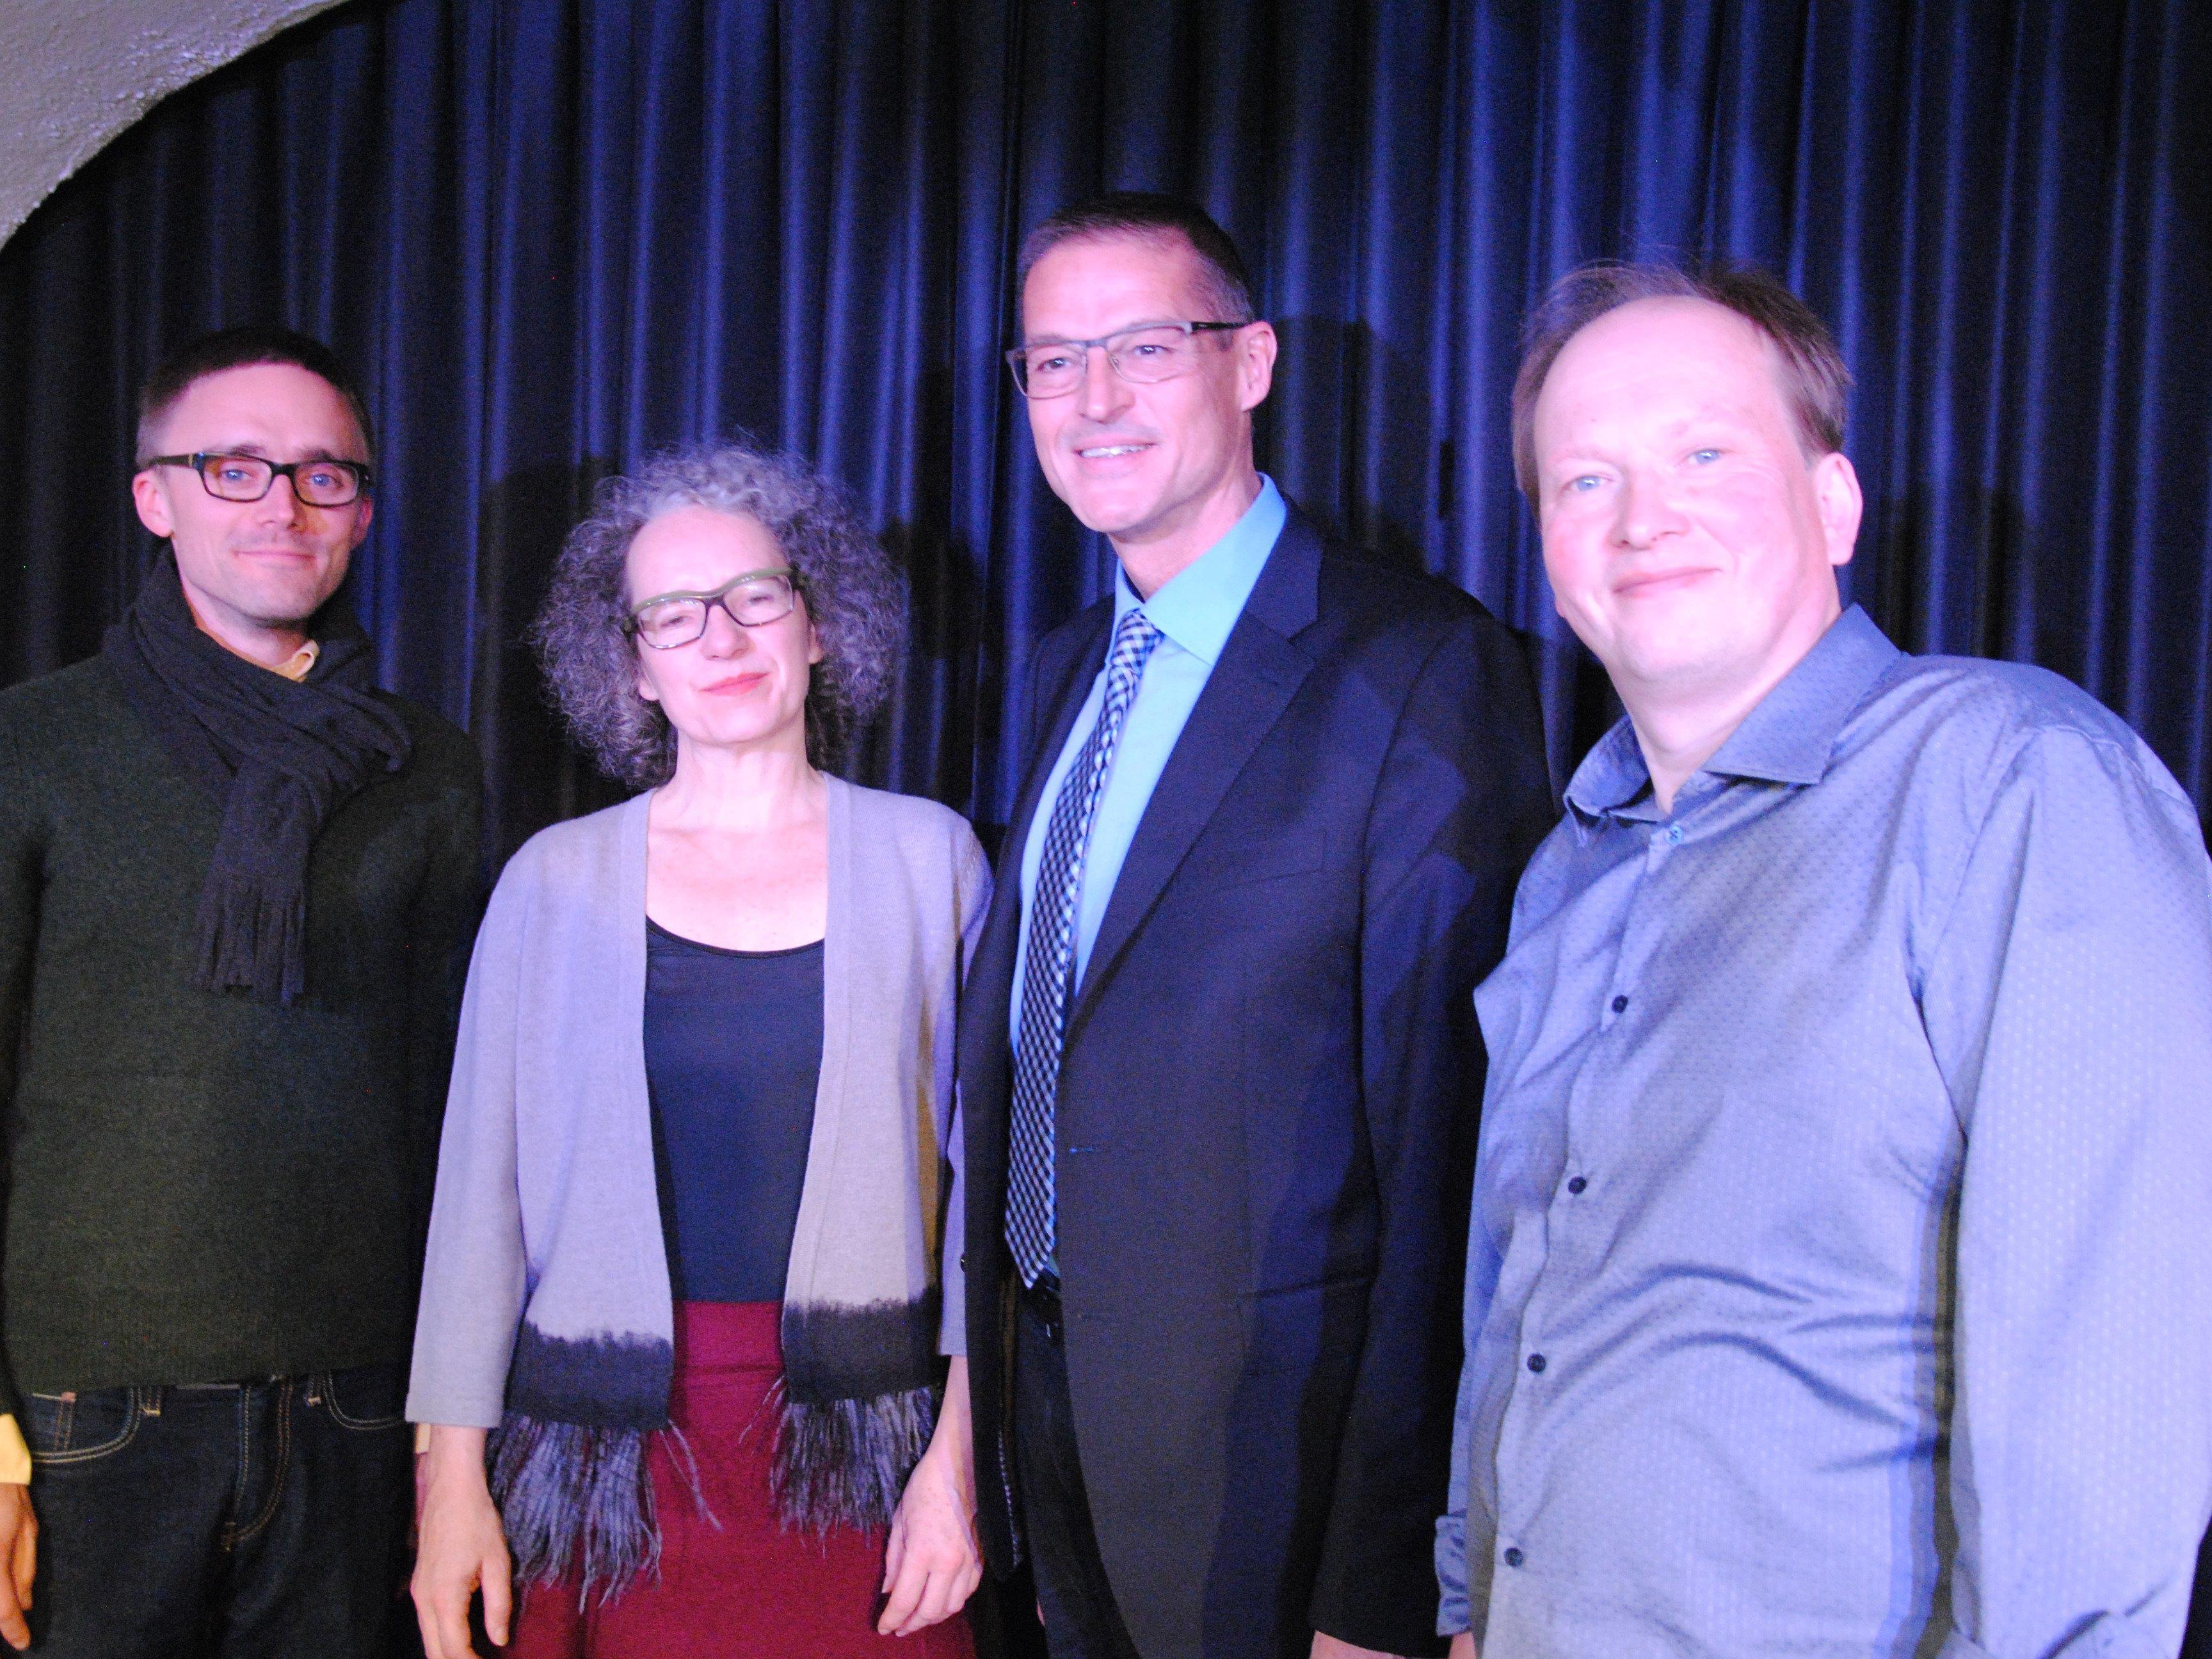 Lyrikpreis-Gewinner Arnold Maxwill mit Kulturstadträtin Ingrid Scharf, Gesundheitslandesrat Christian Bernhard und Zweitplatziertem Hartwig Mauritz.